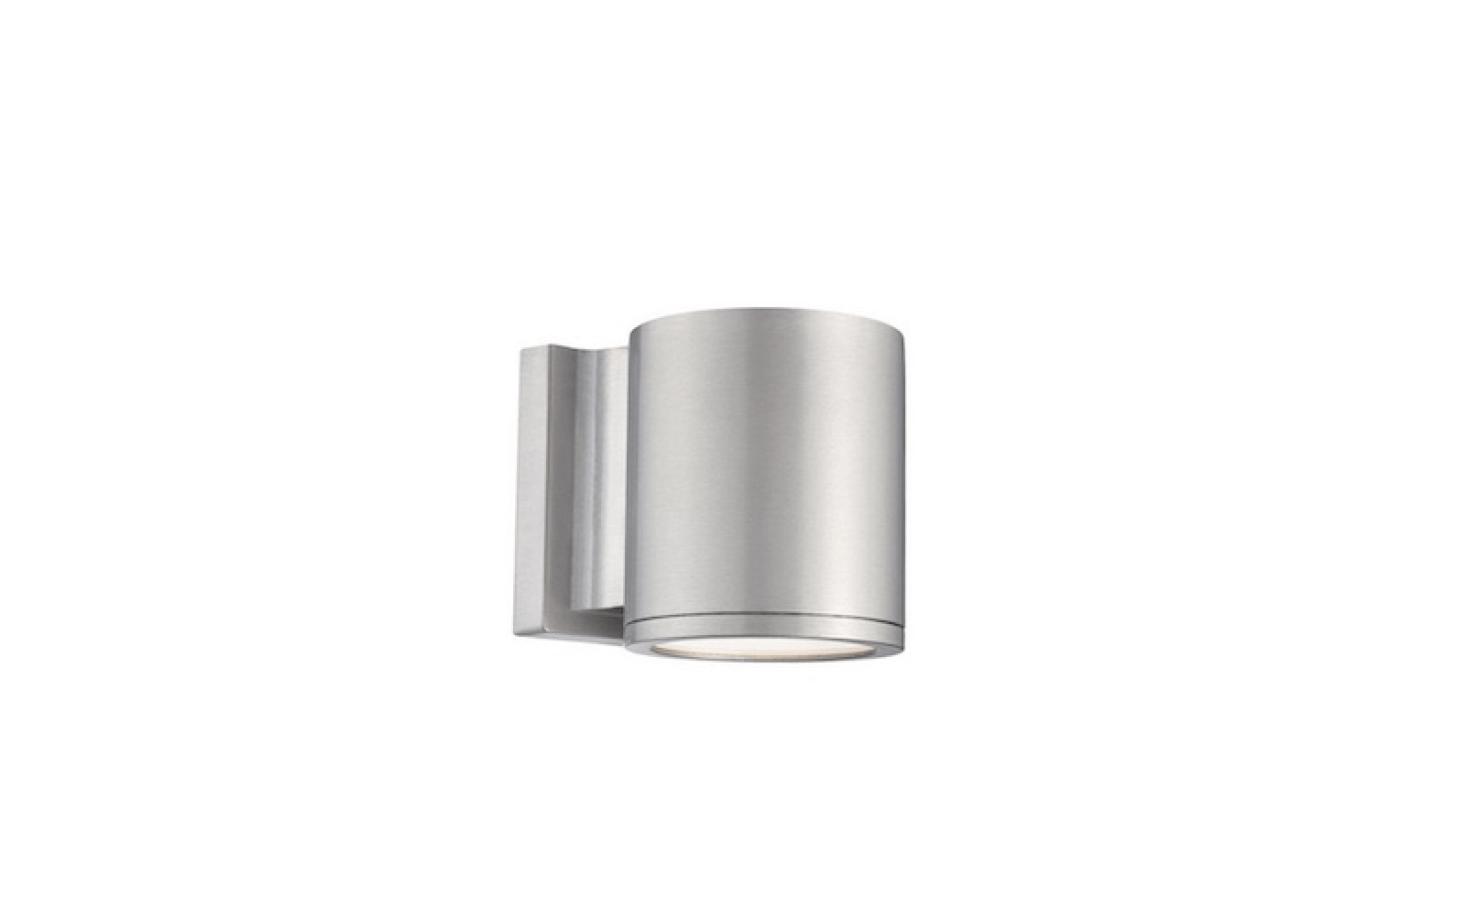 一间银板/石板可以在一间有一间铝板上,可以用铝板和7点钟方向的位置。95美元的价格。